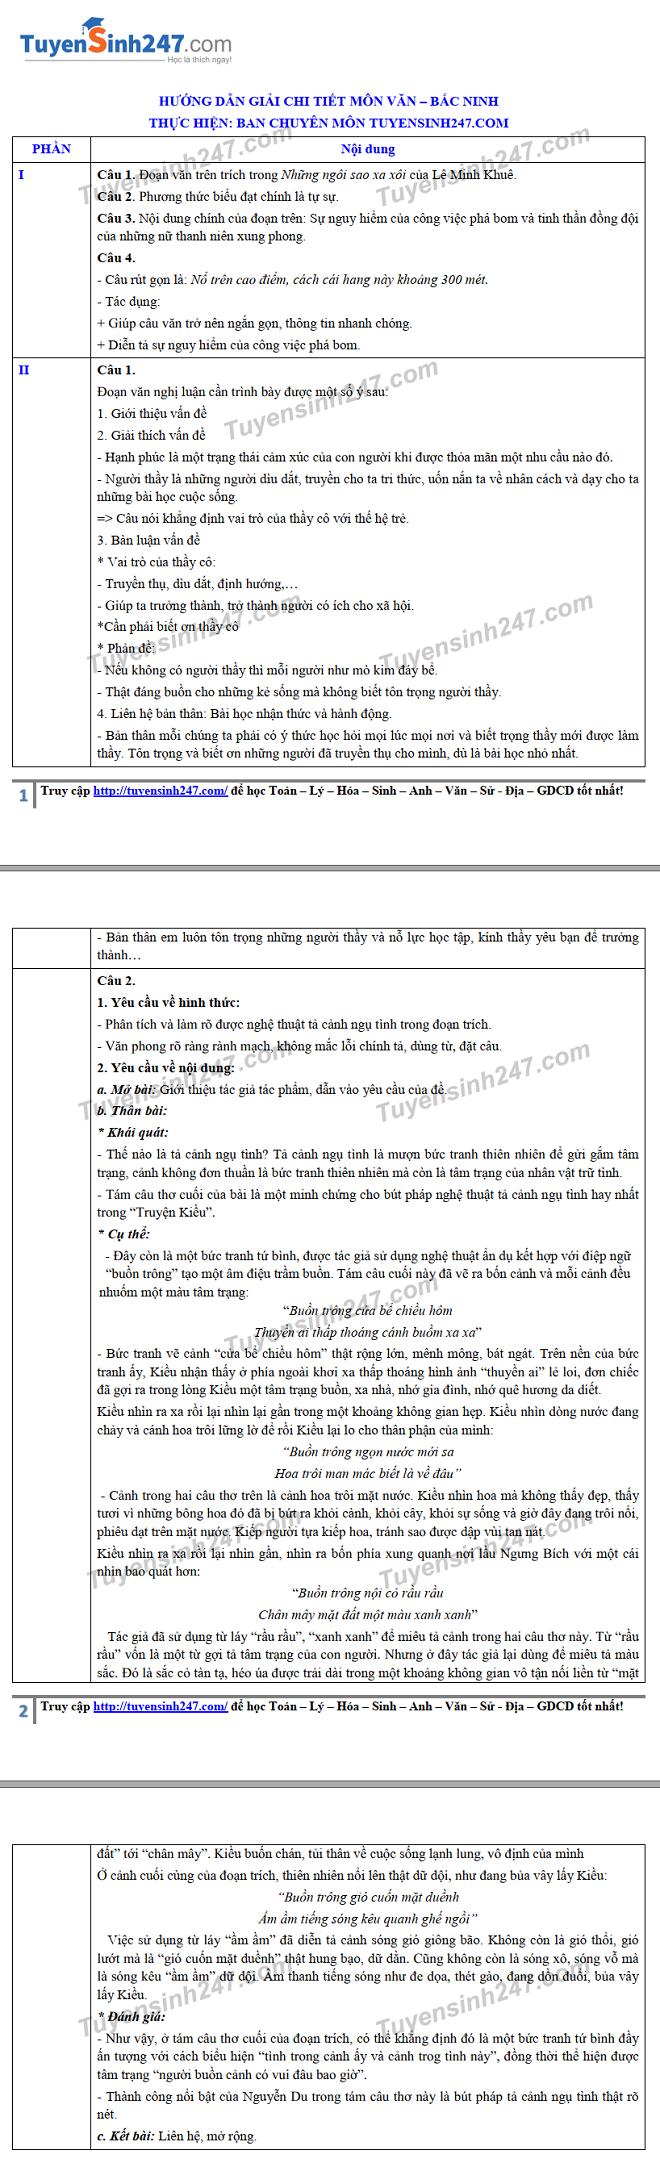 Đáp án, đề thi môn Ngữ Văn vào lớp 10 tại Bắc Ninh chuẩn và chính xác nhất - Ảnh 2